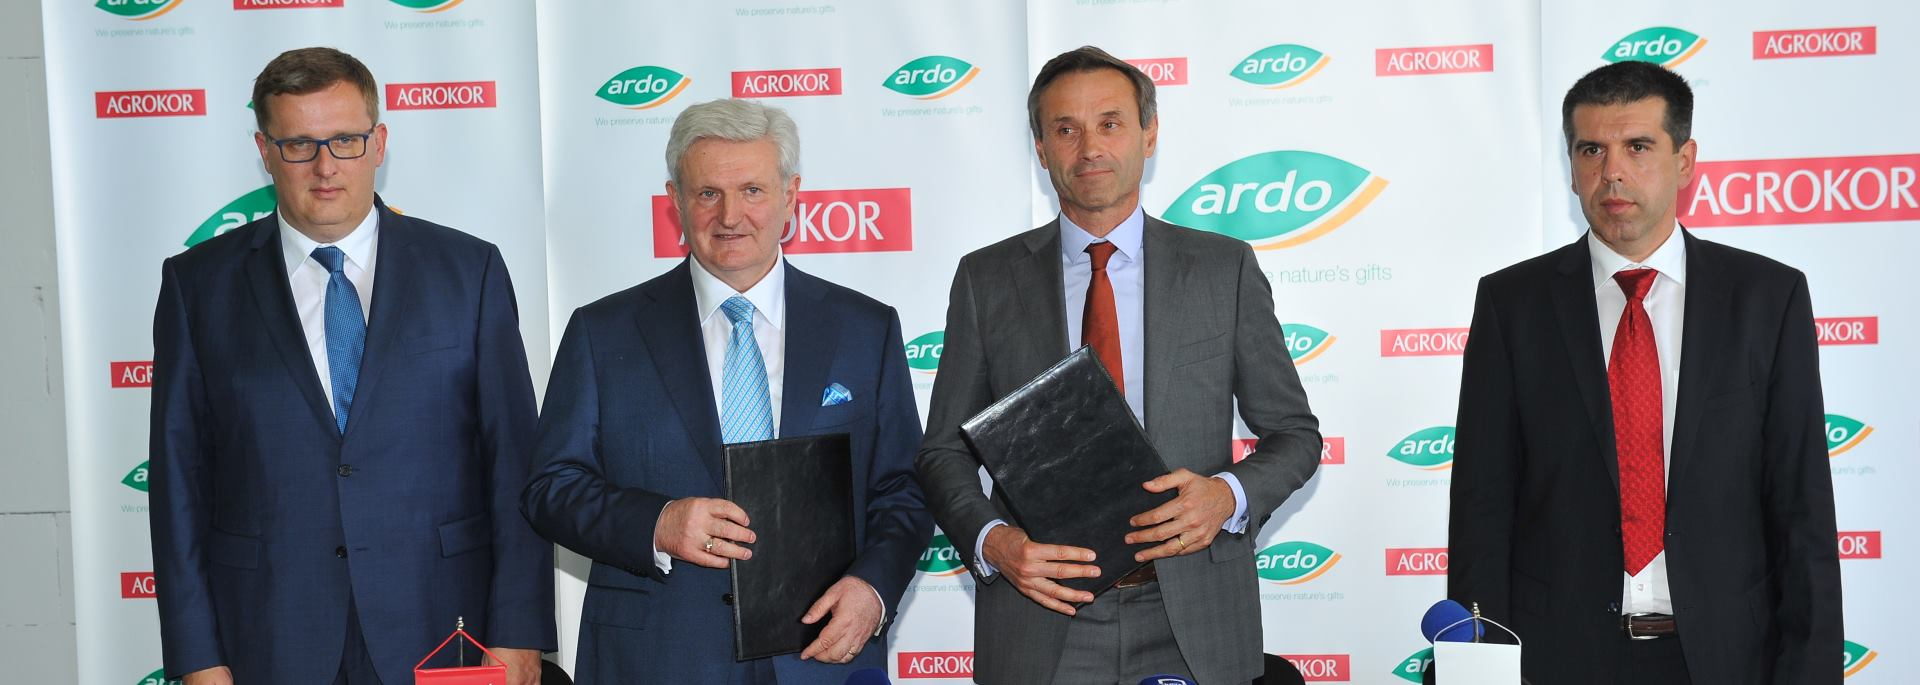 Agrokor i Ardo investirat će 400 milijuna kuna u tvrtku Vinka d.d.